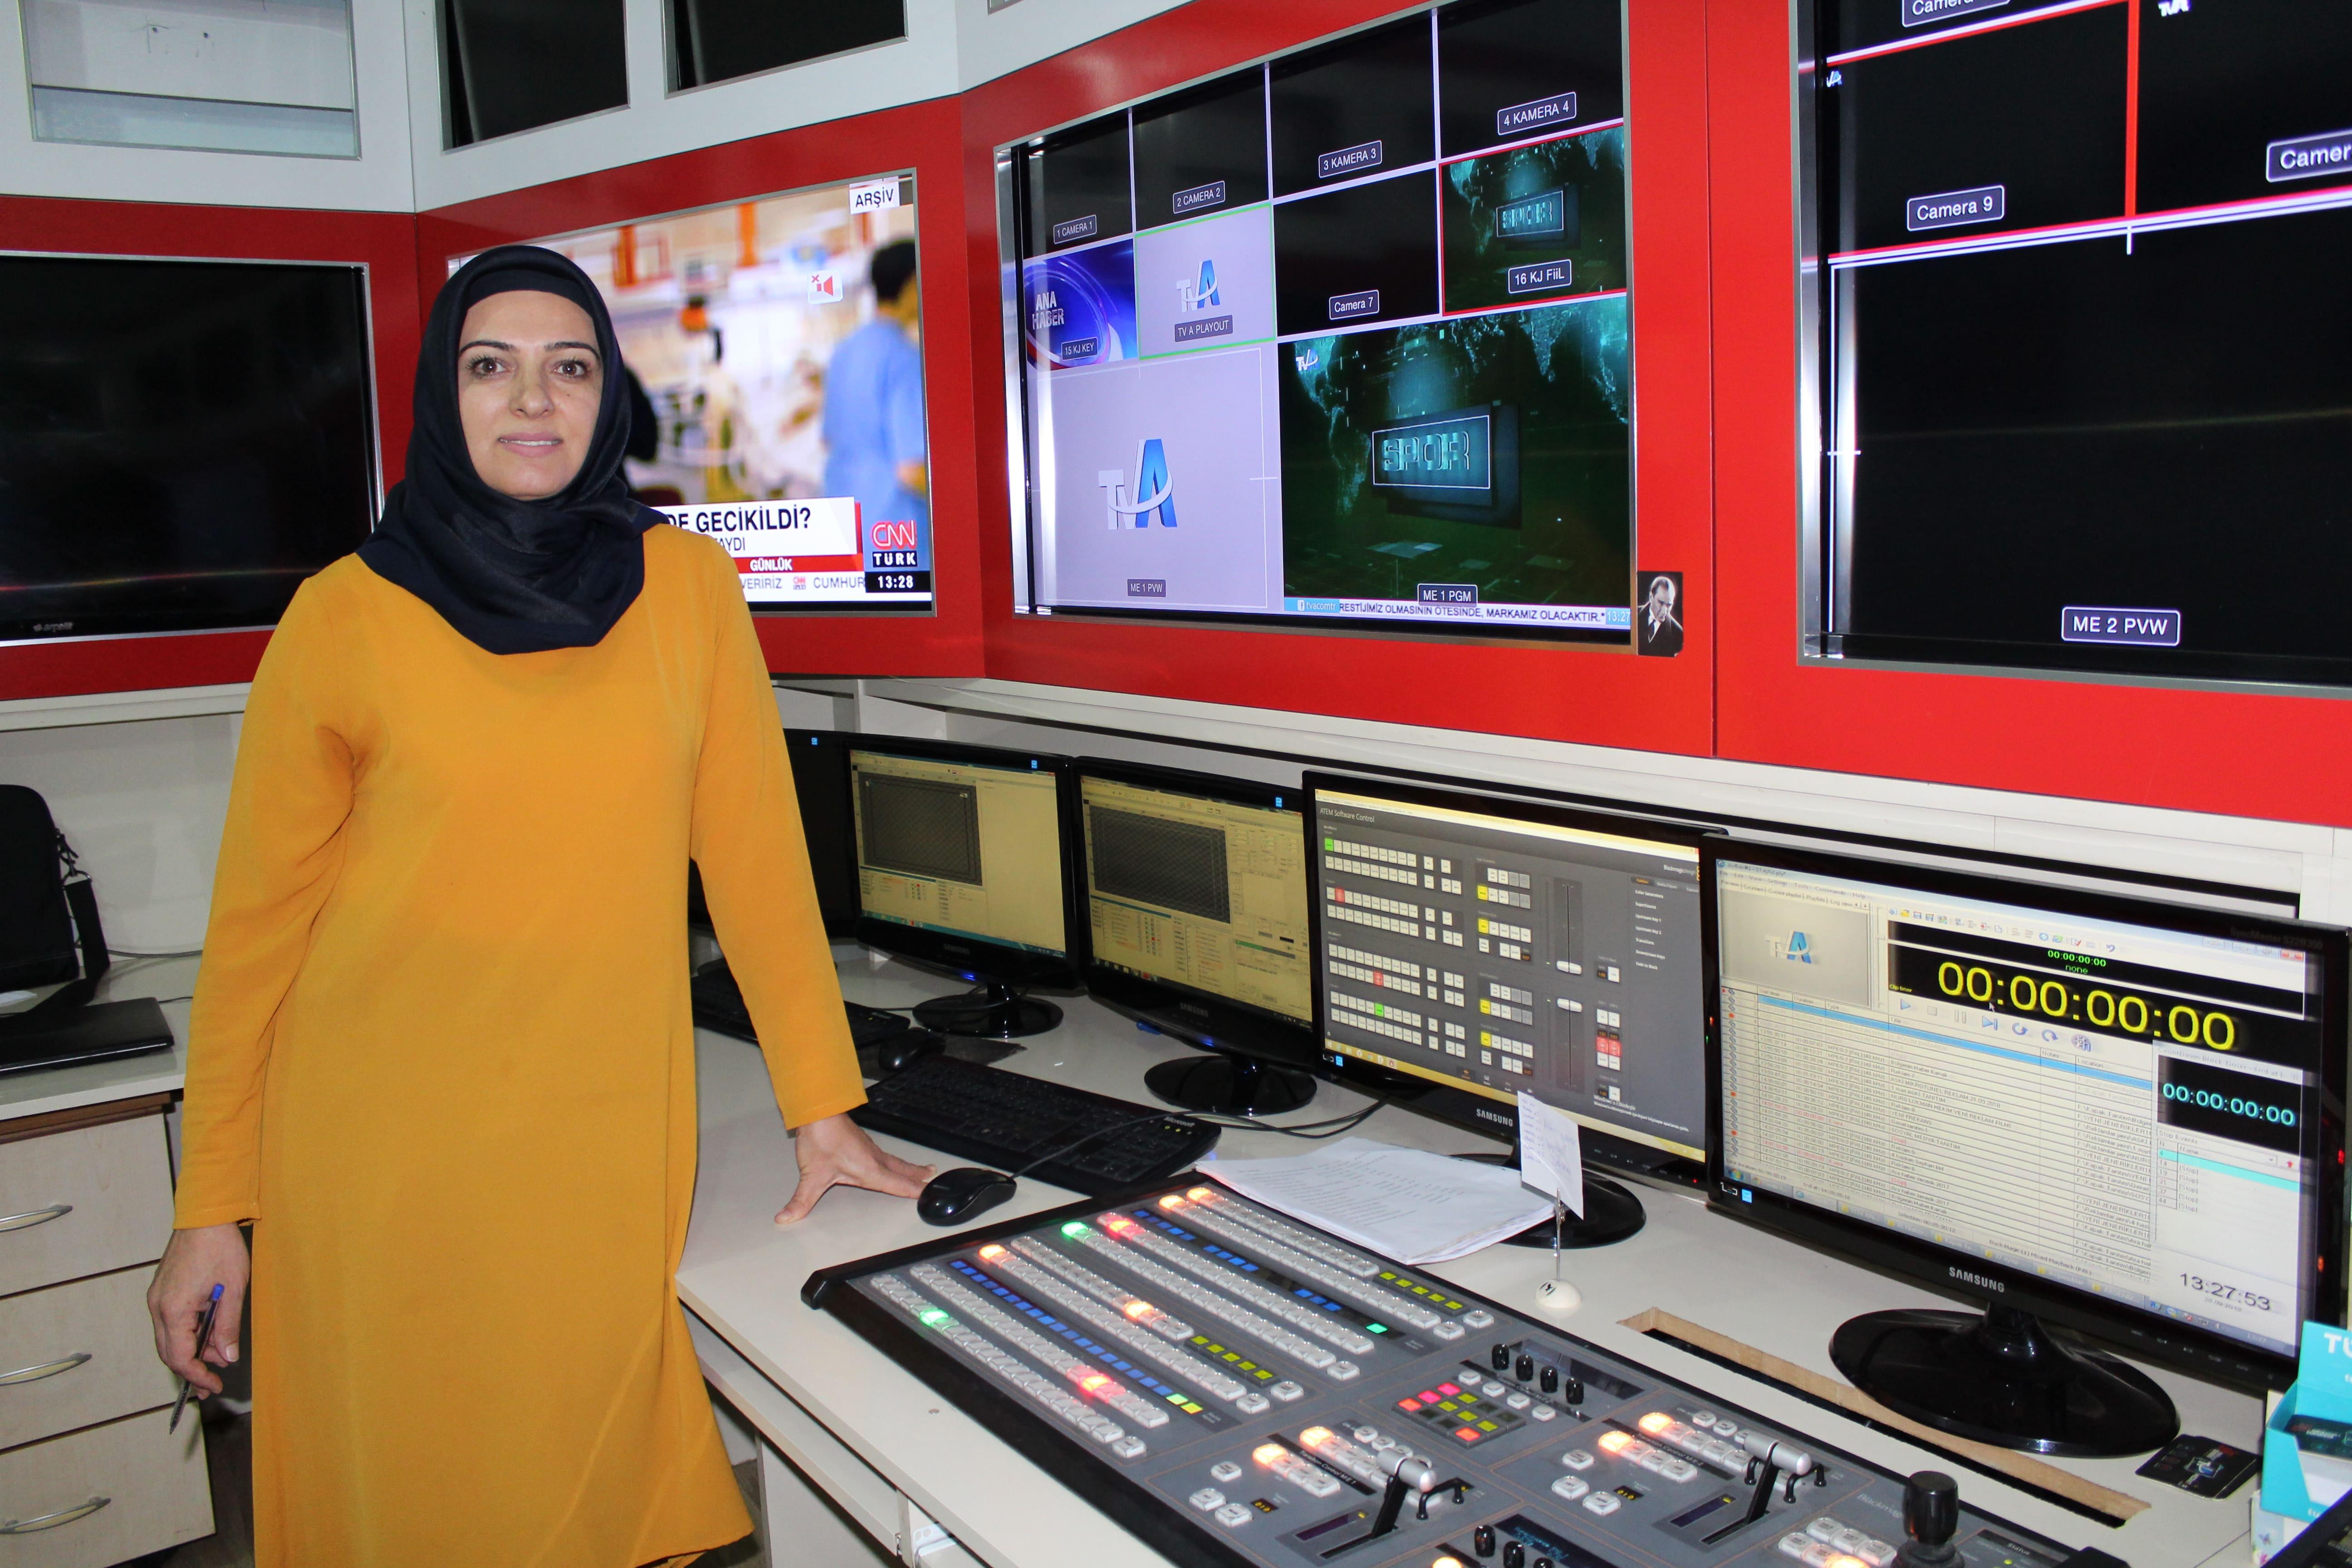 TVA'da gelenek değişmedi: İş'te Adana programı ile yola devam